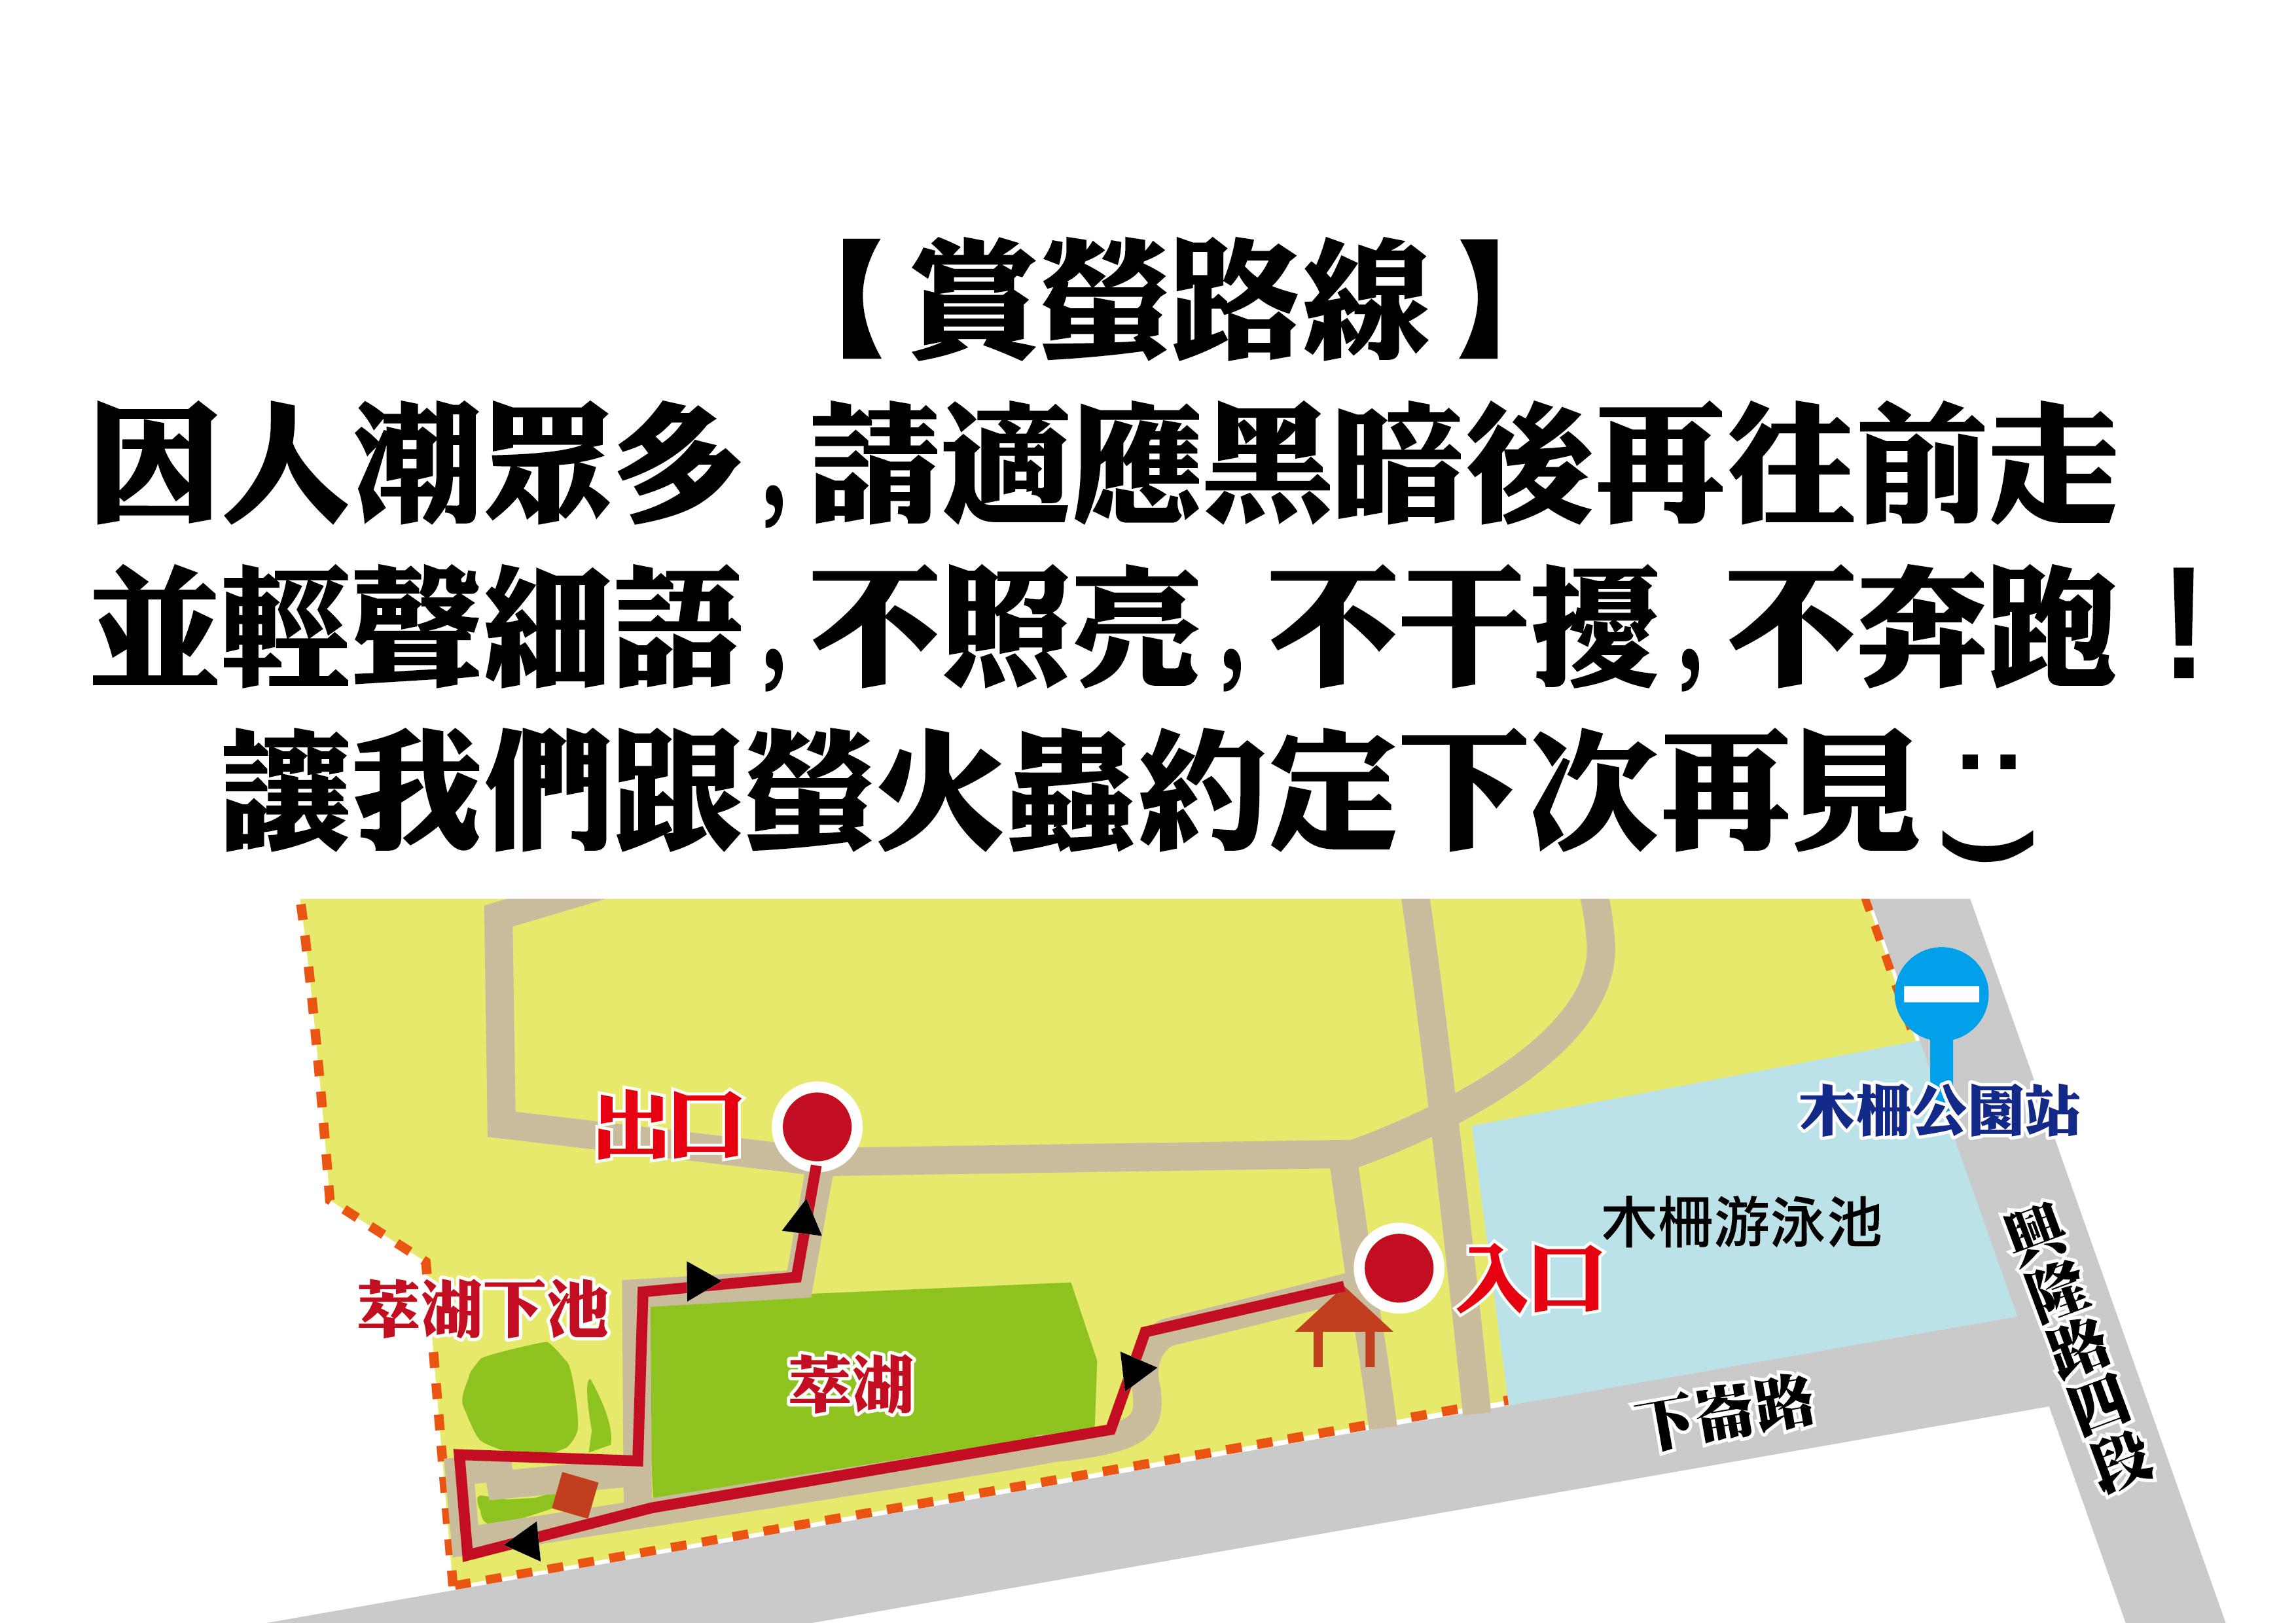 圖1.紅色路線為賞螢的活動路線